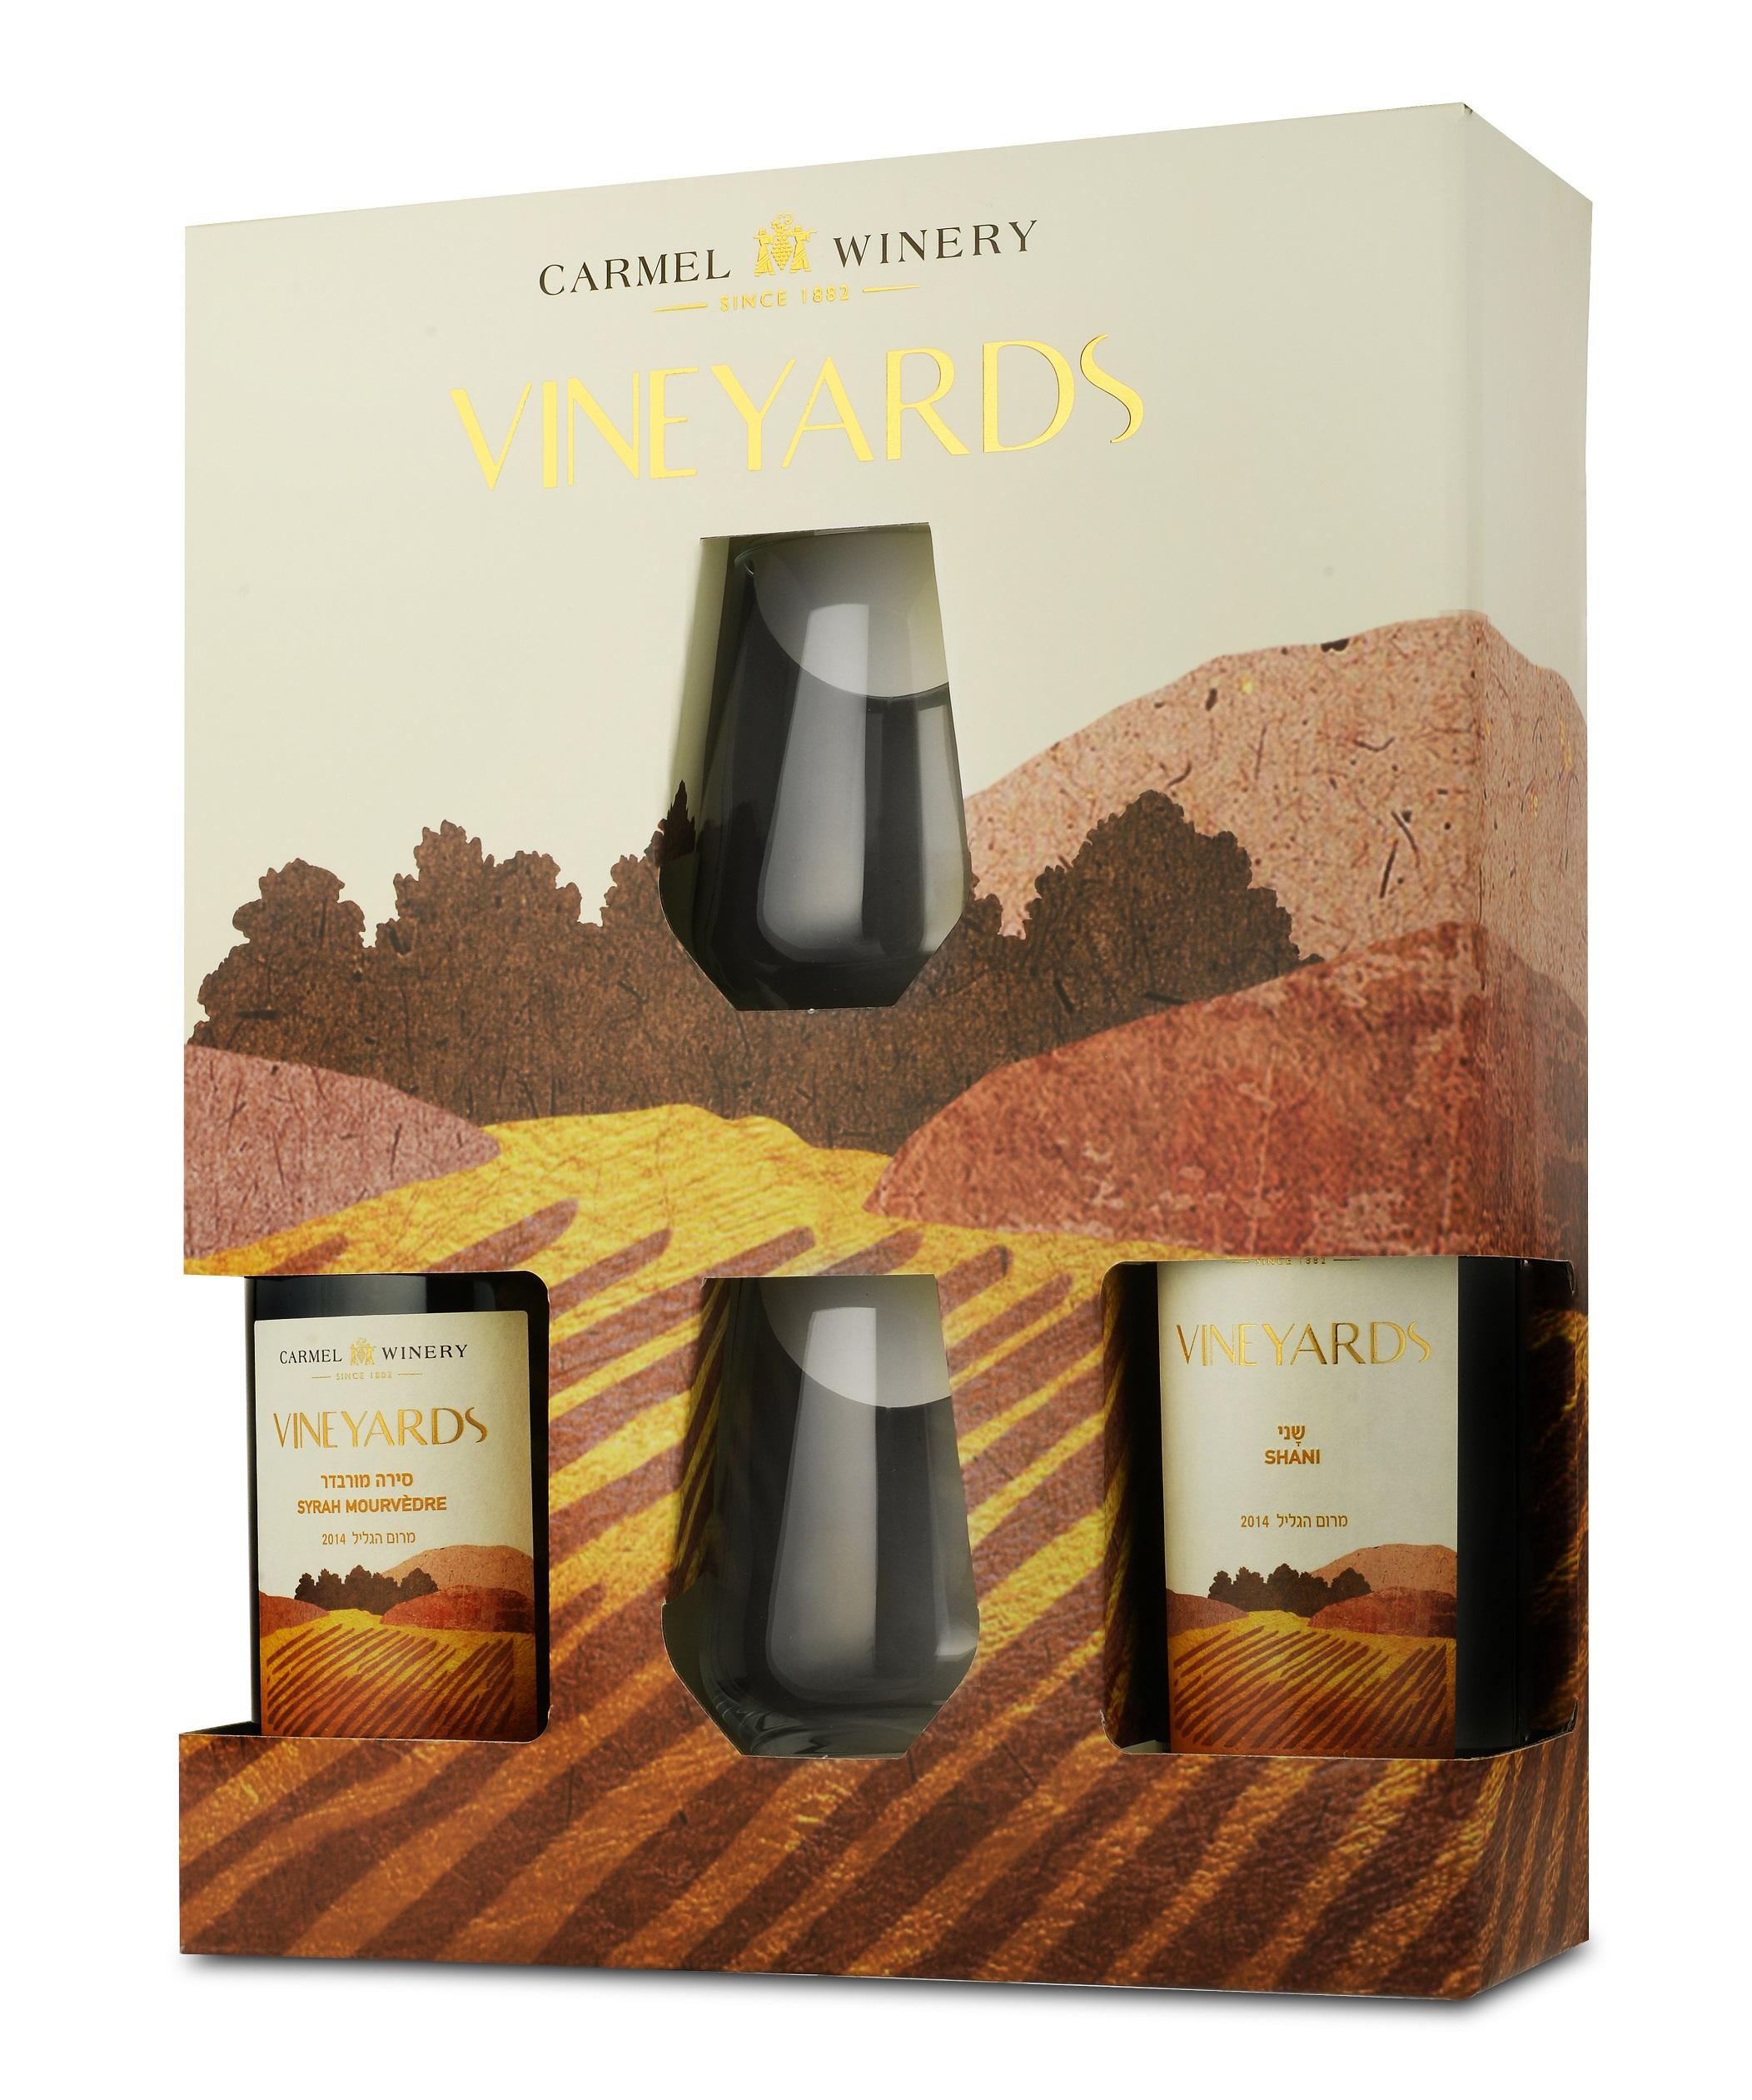 מארז של היינות מסדרת vineyards בצרוף זוג כוסות יין מחיר 150 שקל צילום איל קרן